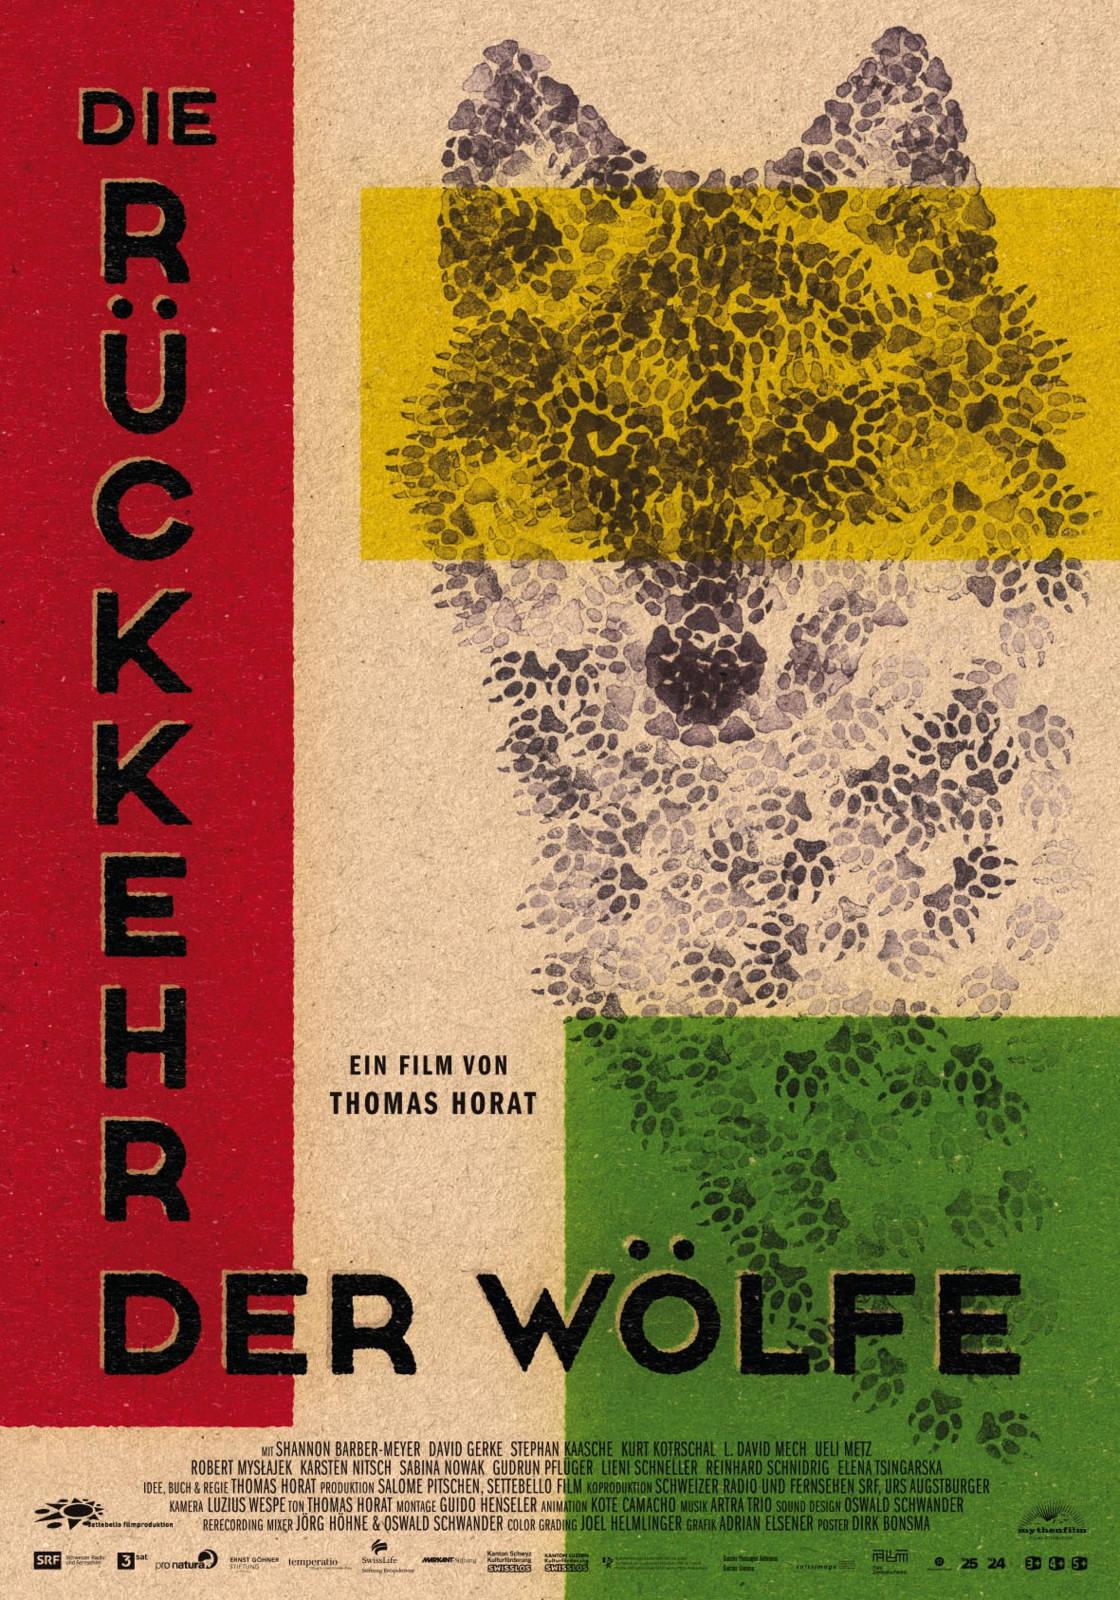 Bildergebnis für die rückkehr der wölfe film